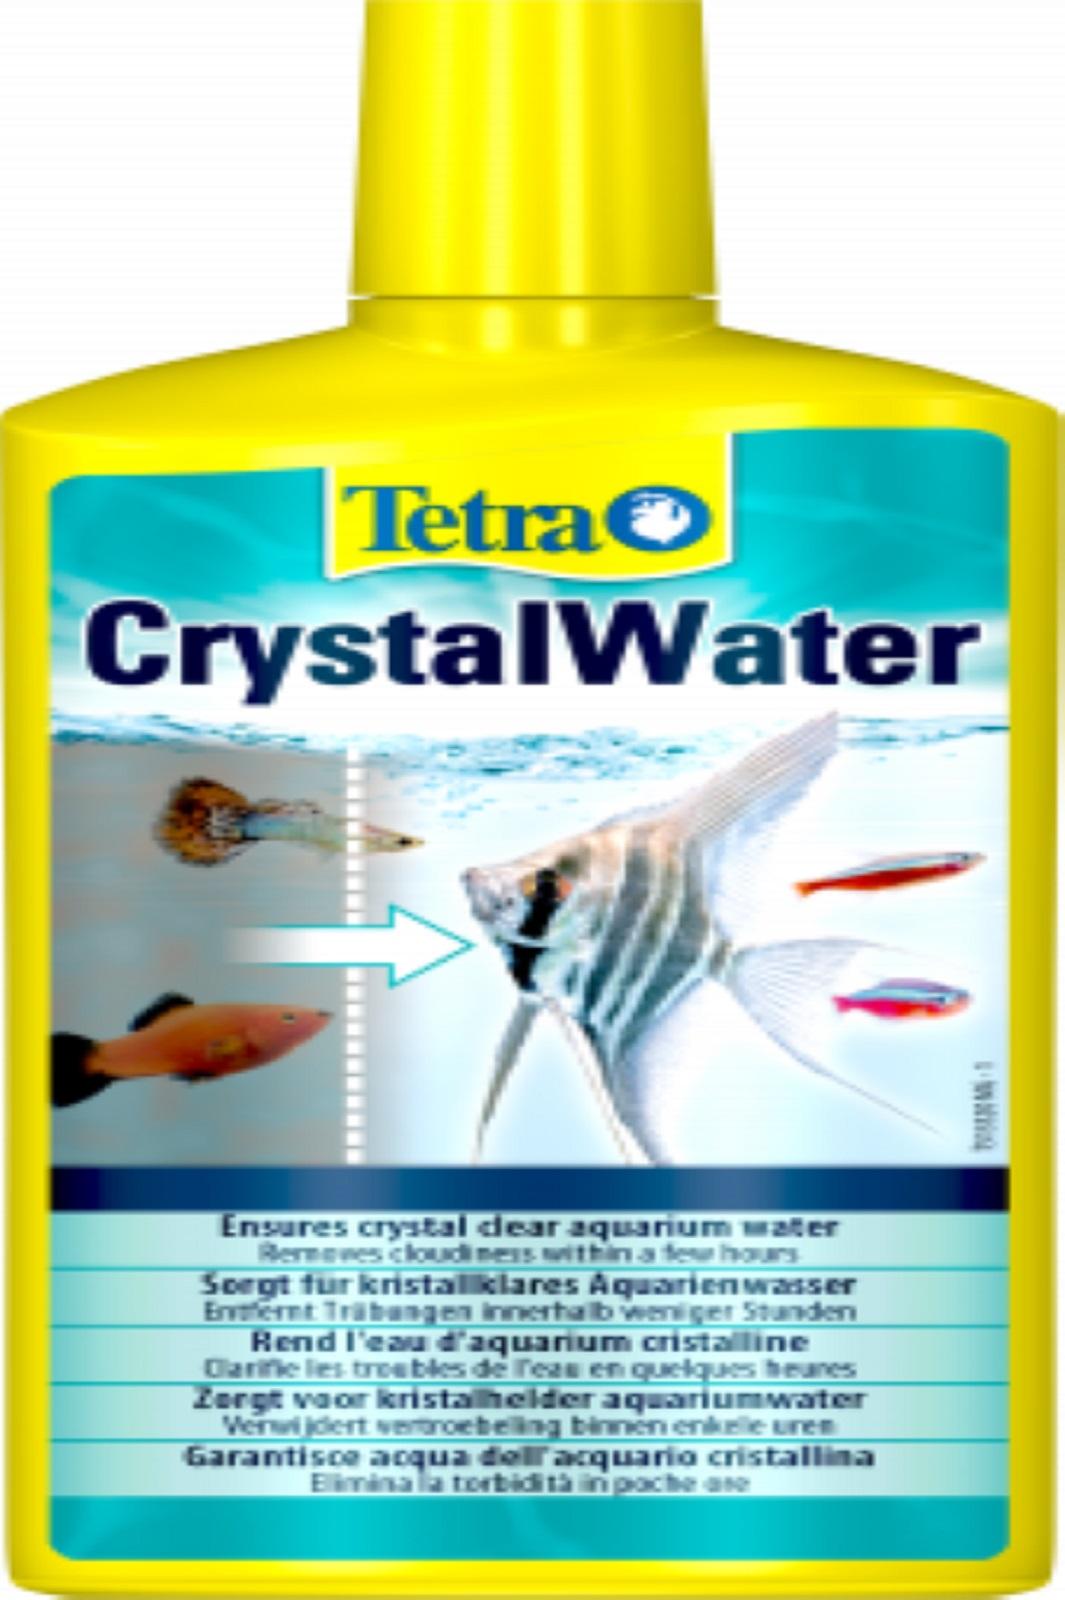 Tetra Crystal Water 500 ml für kristallklares Aquarium Wasser